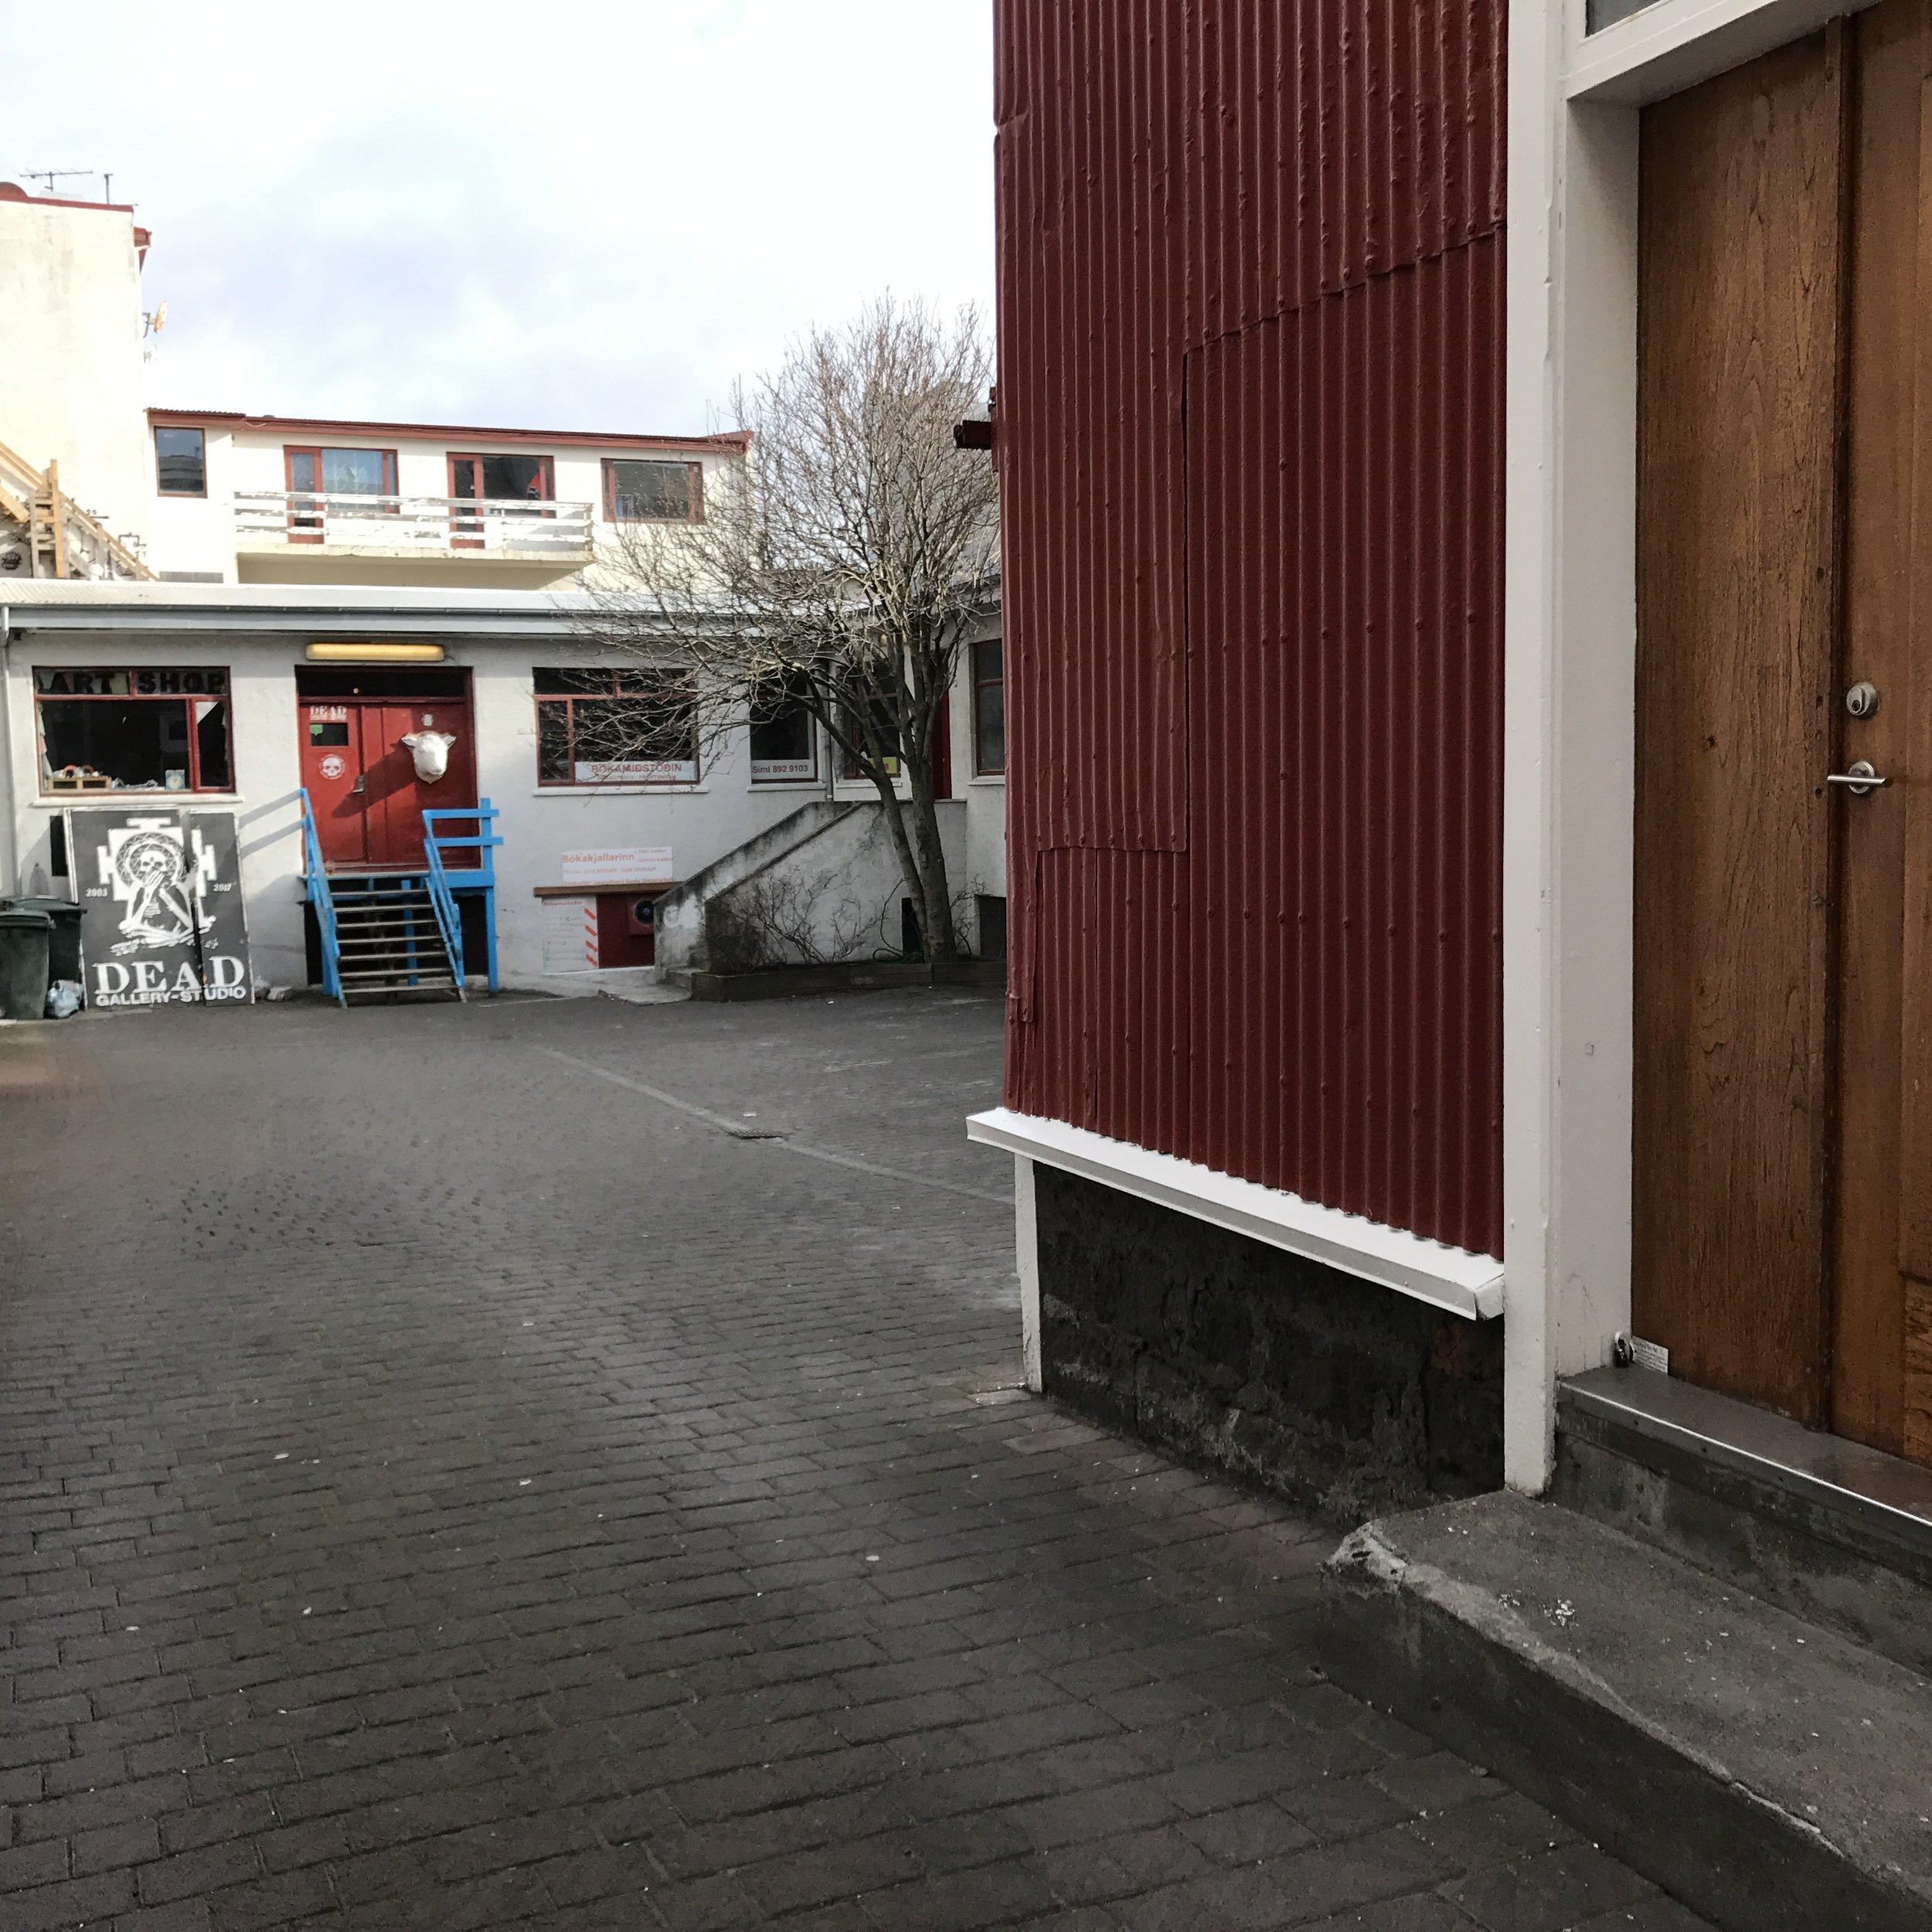 Reykjavik drop I 4/1/18